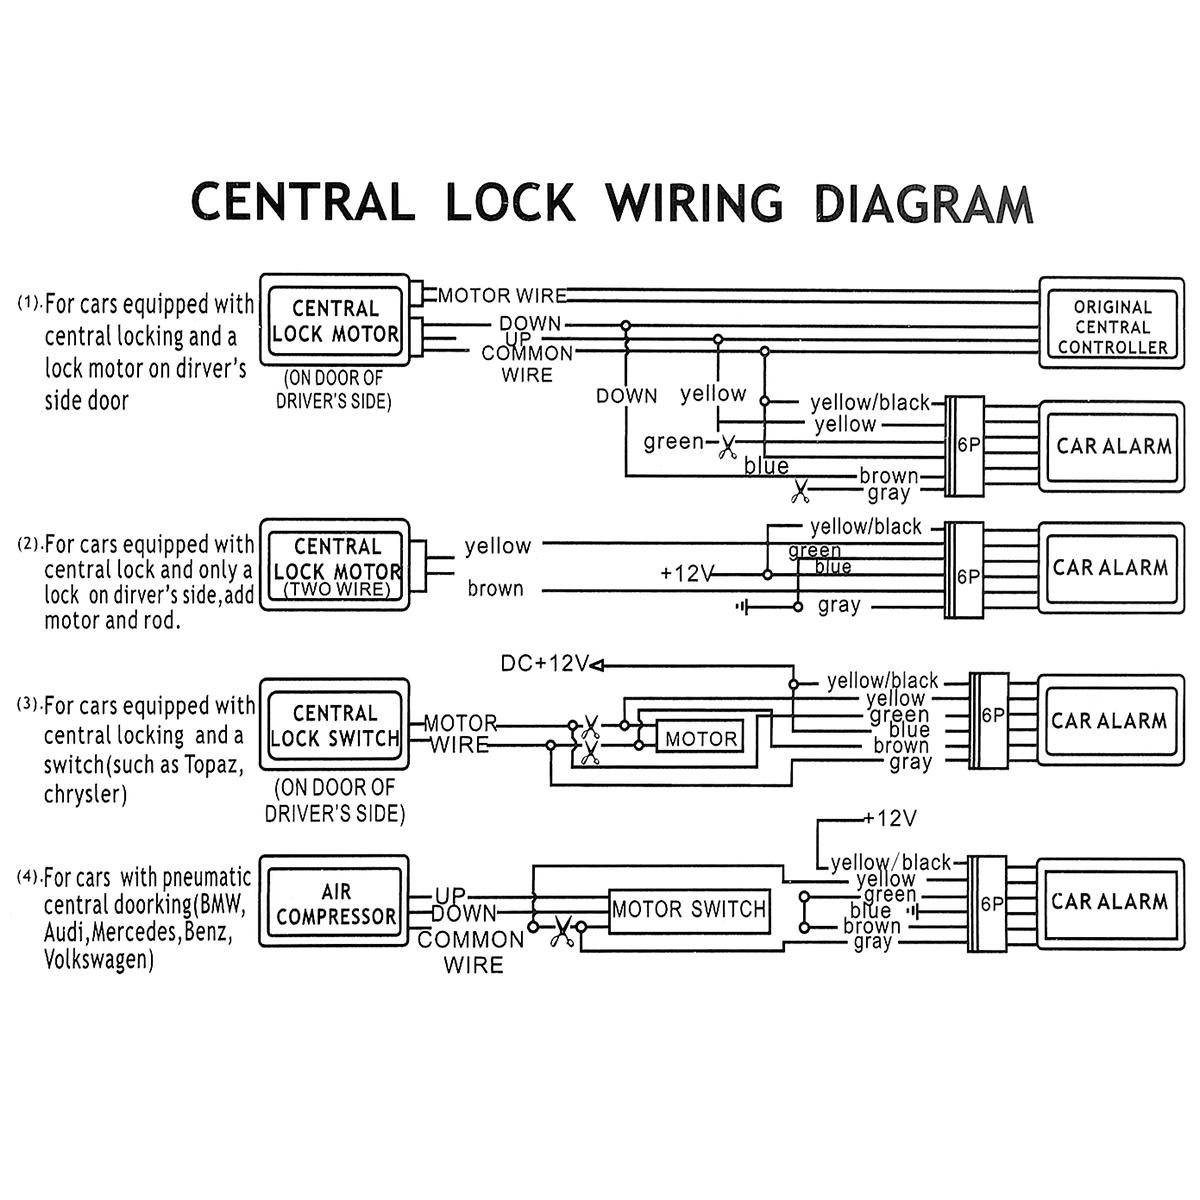 Terrific Volkswagen Alarm Wiring Diagram Basic Electronics Wiring Diagram Wiring Cloud Ratagdienstapotheekhoekschewaardnl